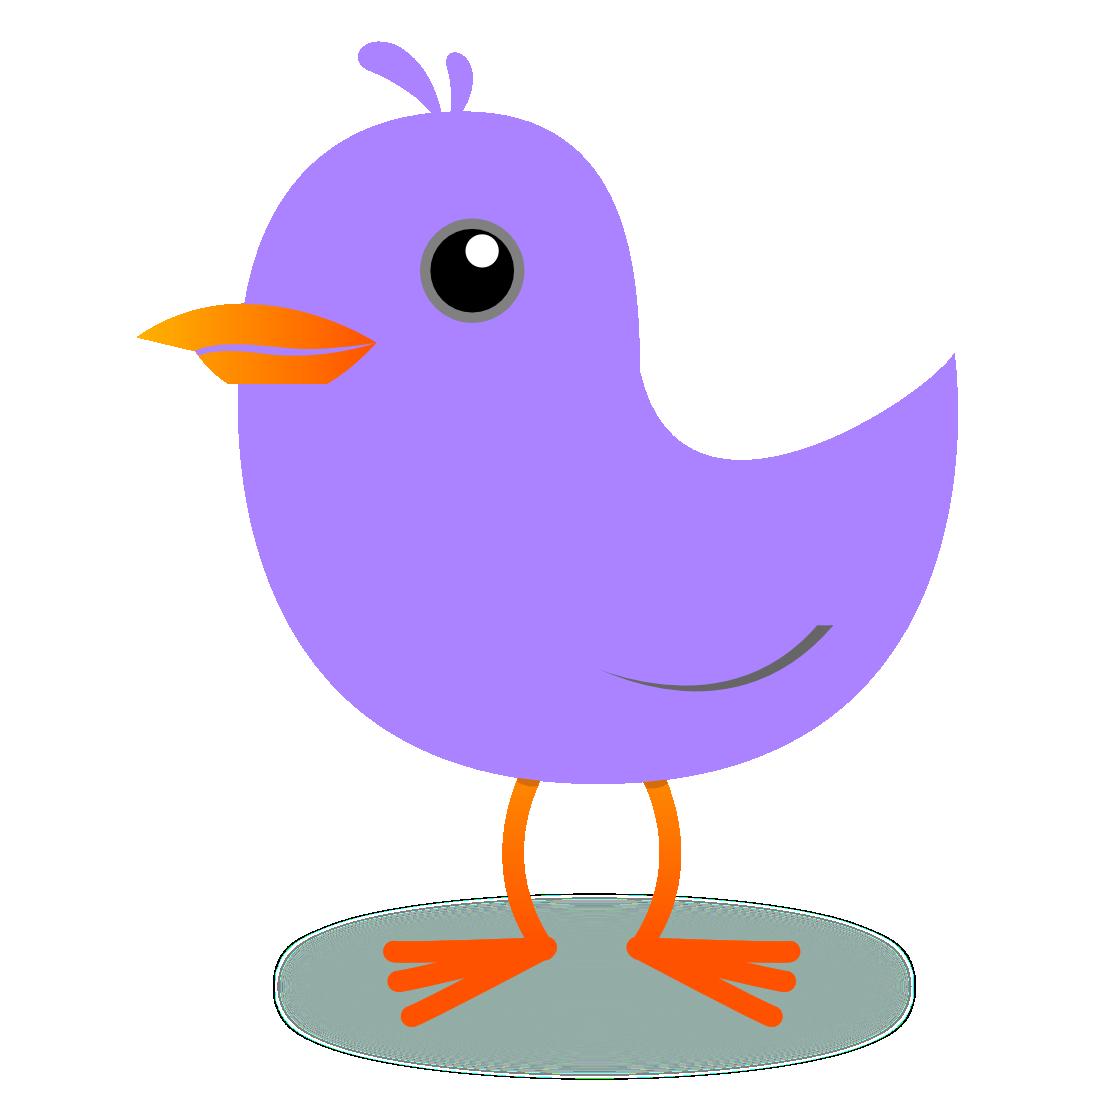 Brds clipart purple Clipart Clipart Clipart Tweet tweet%20clipart